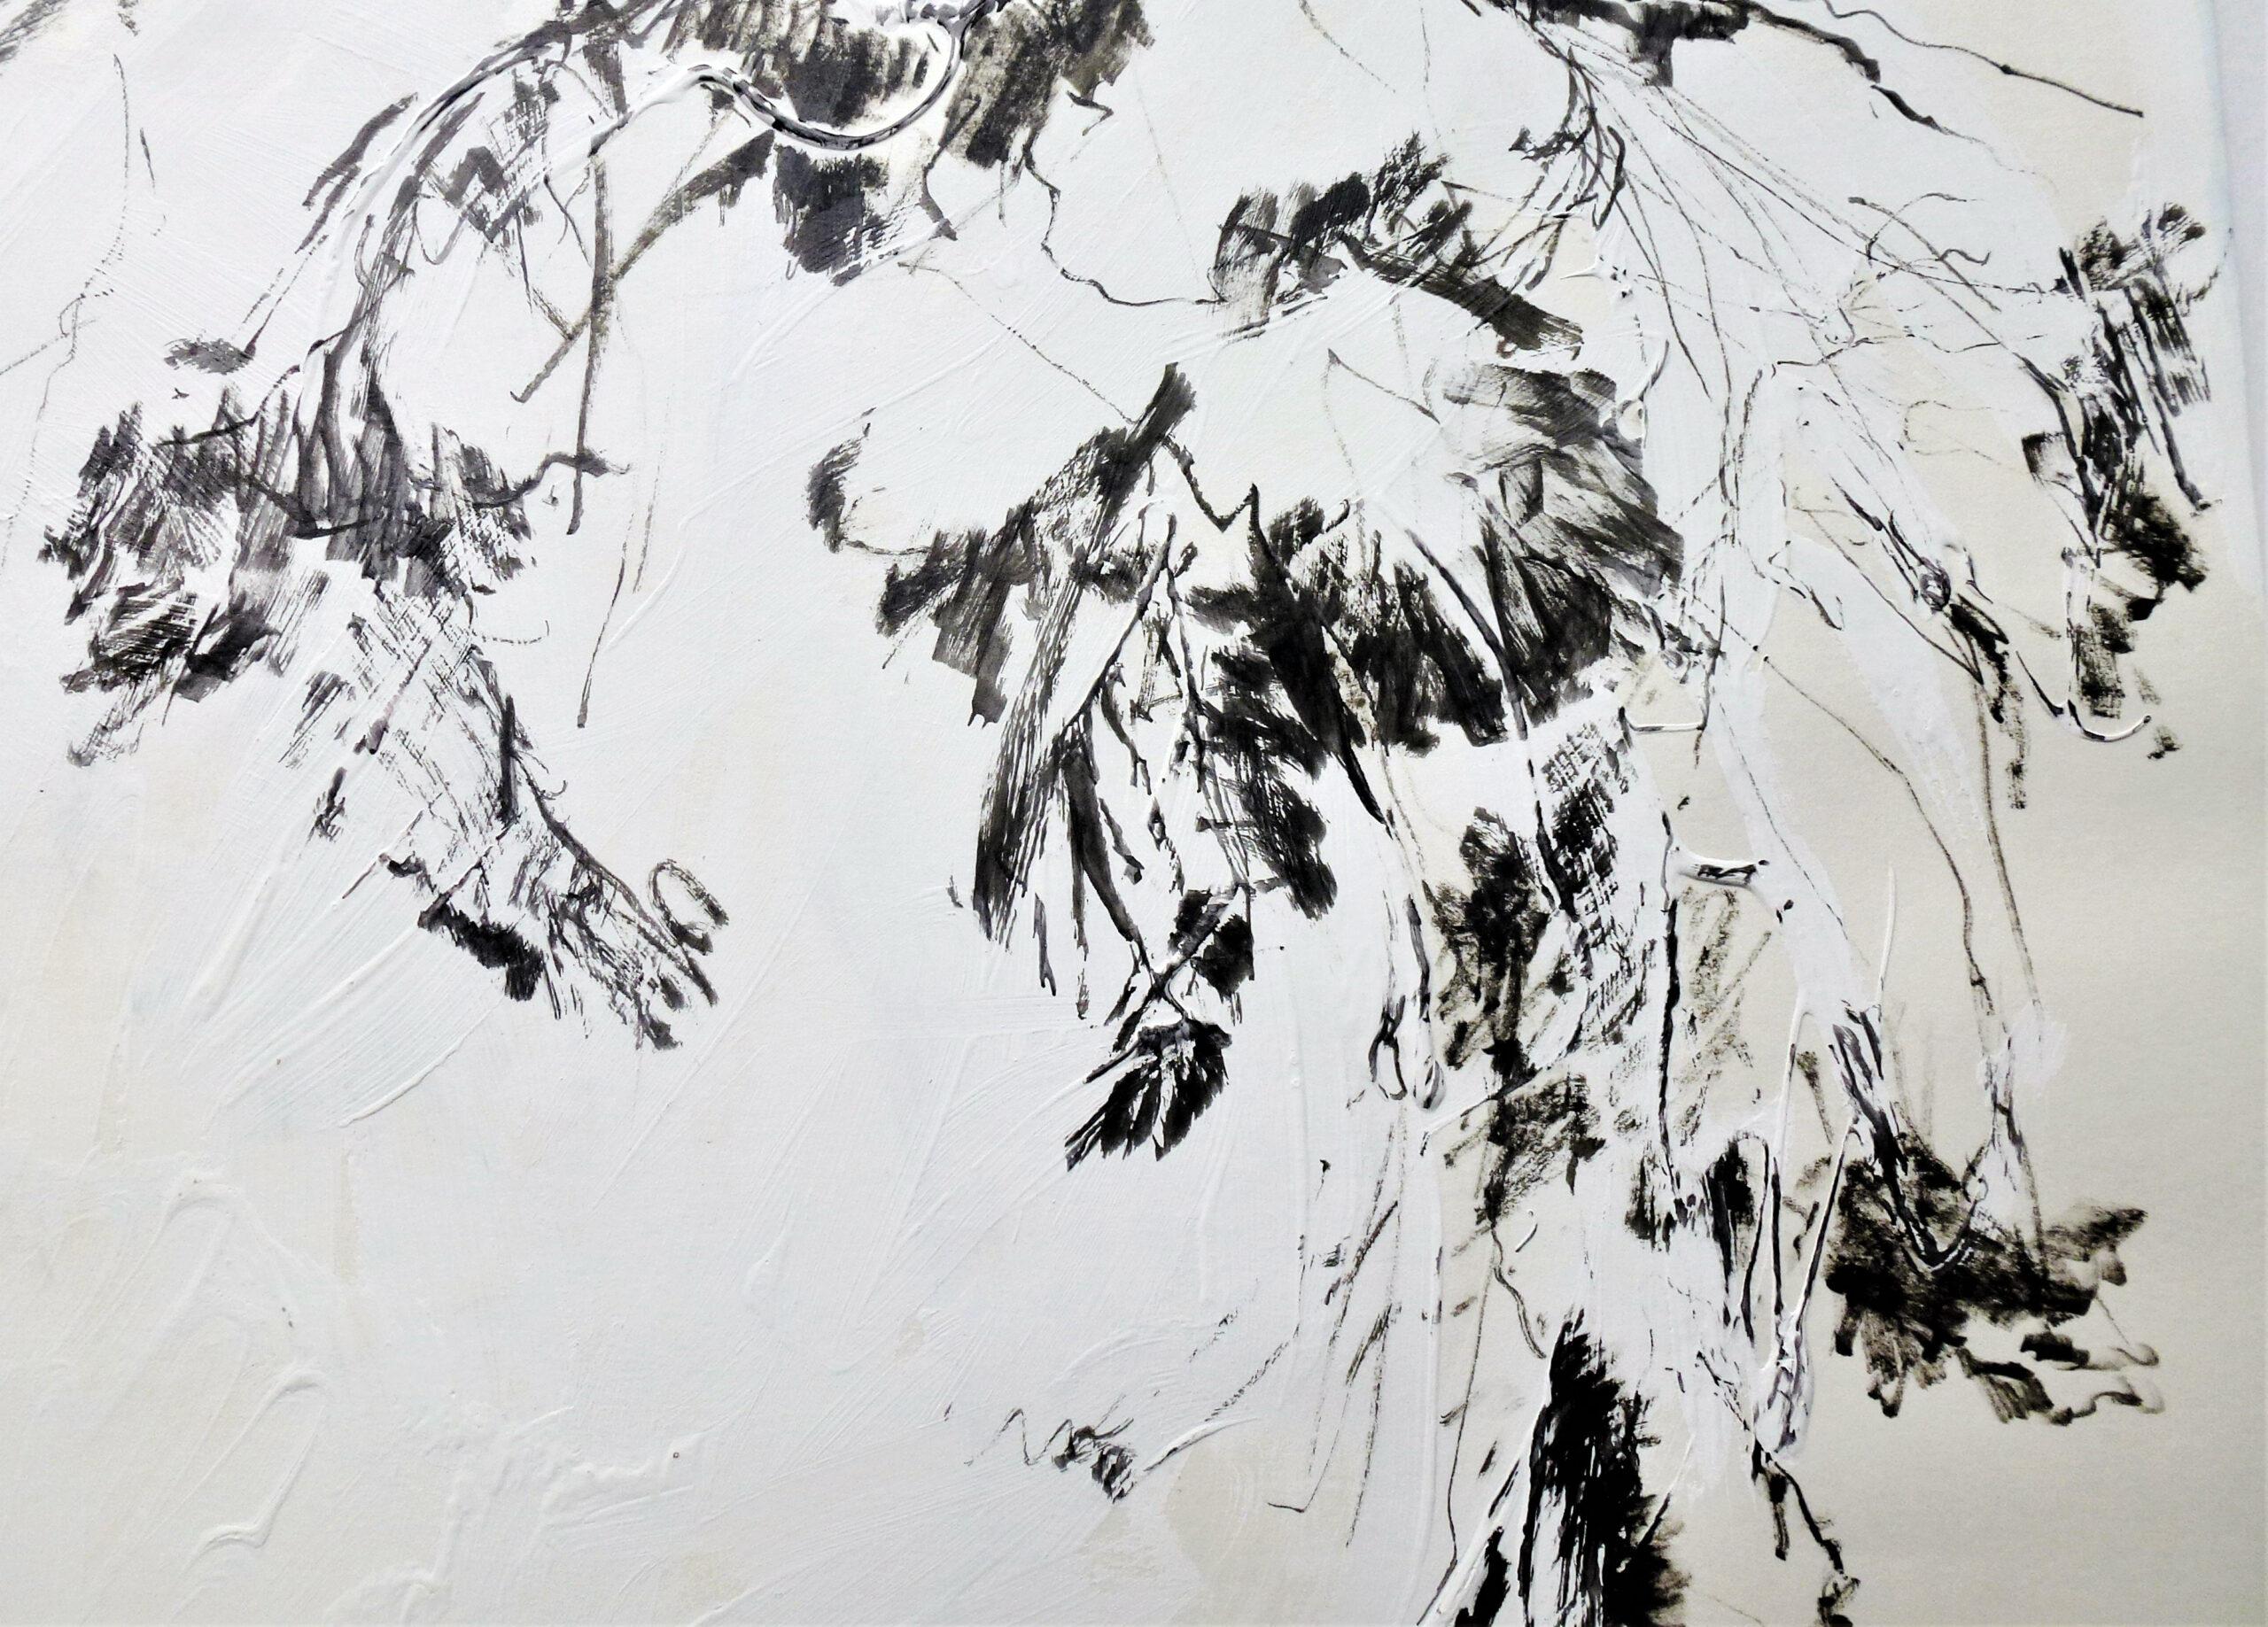 Tusche und Kreide, 30 x 30 cm (Ausschnitt)